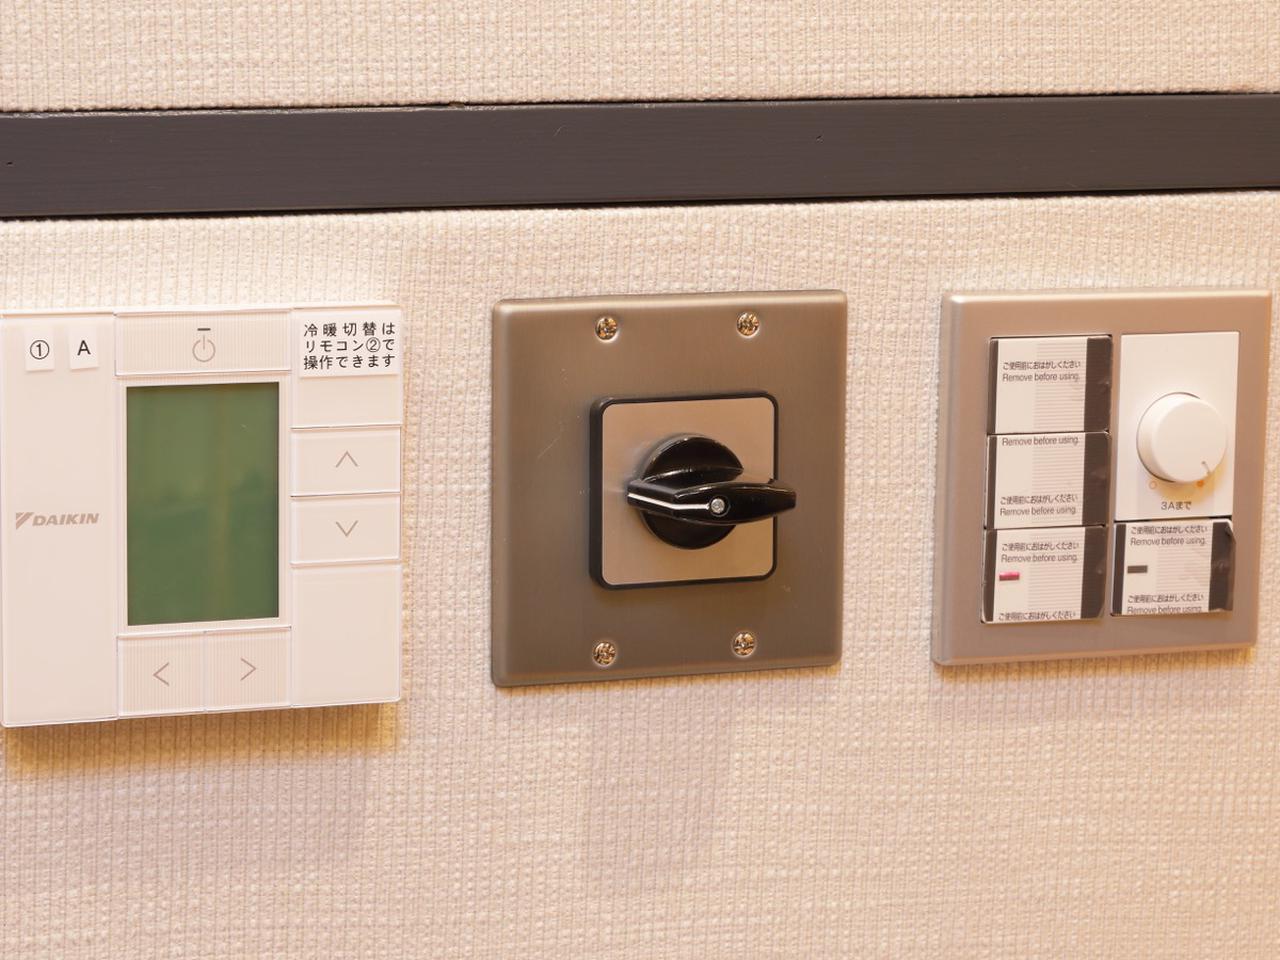 画像: 複数の電源を切り替えられるスイッチ